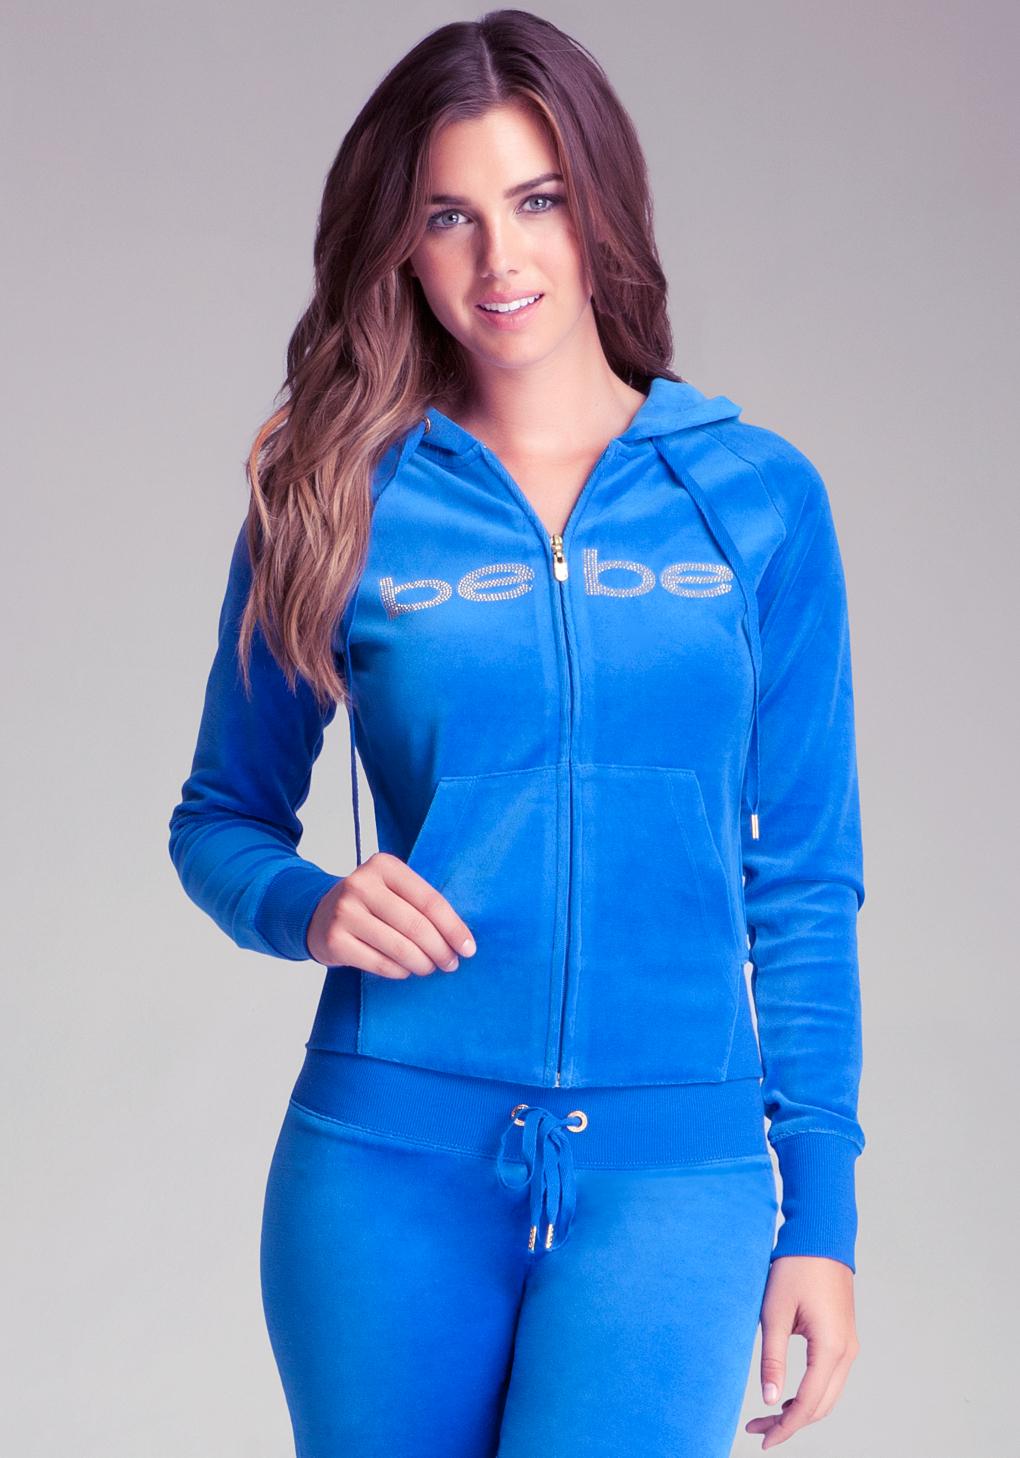 Bebe hoodies